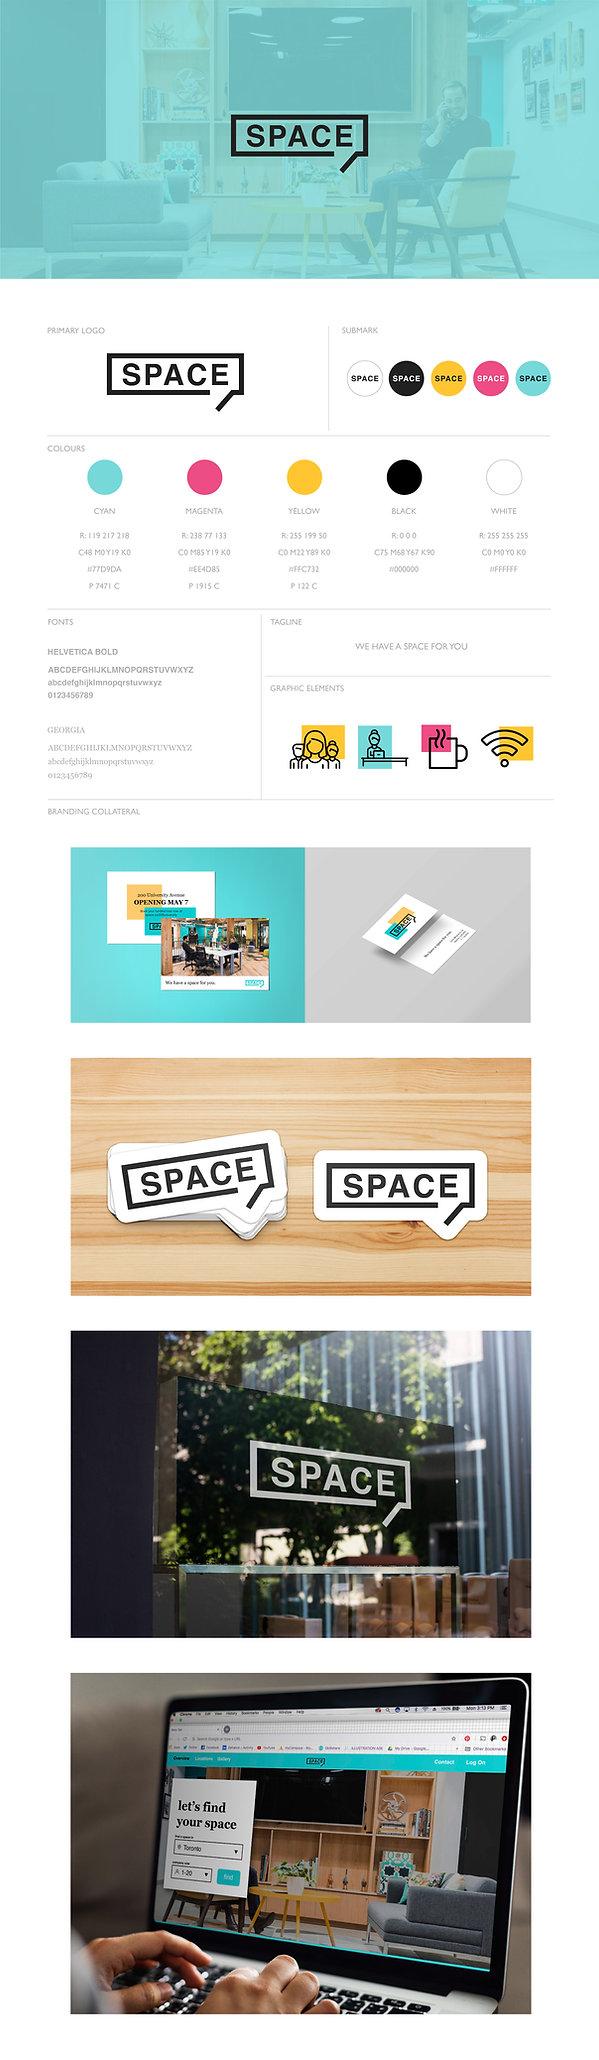 Space_BrandBoard-01.jpg